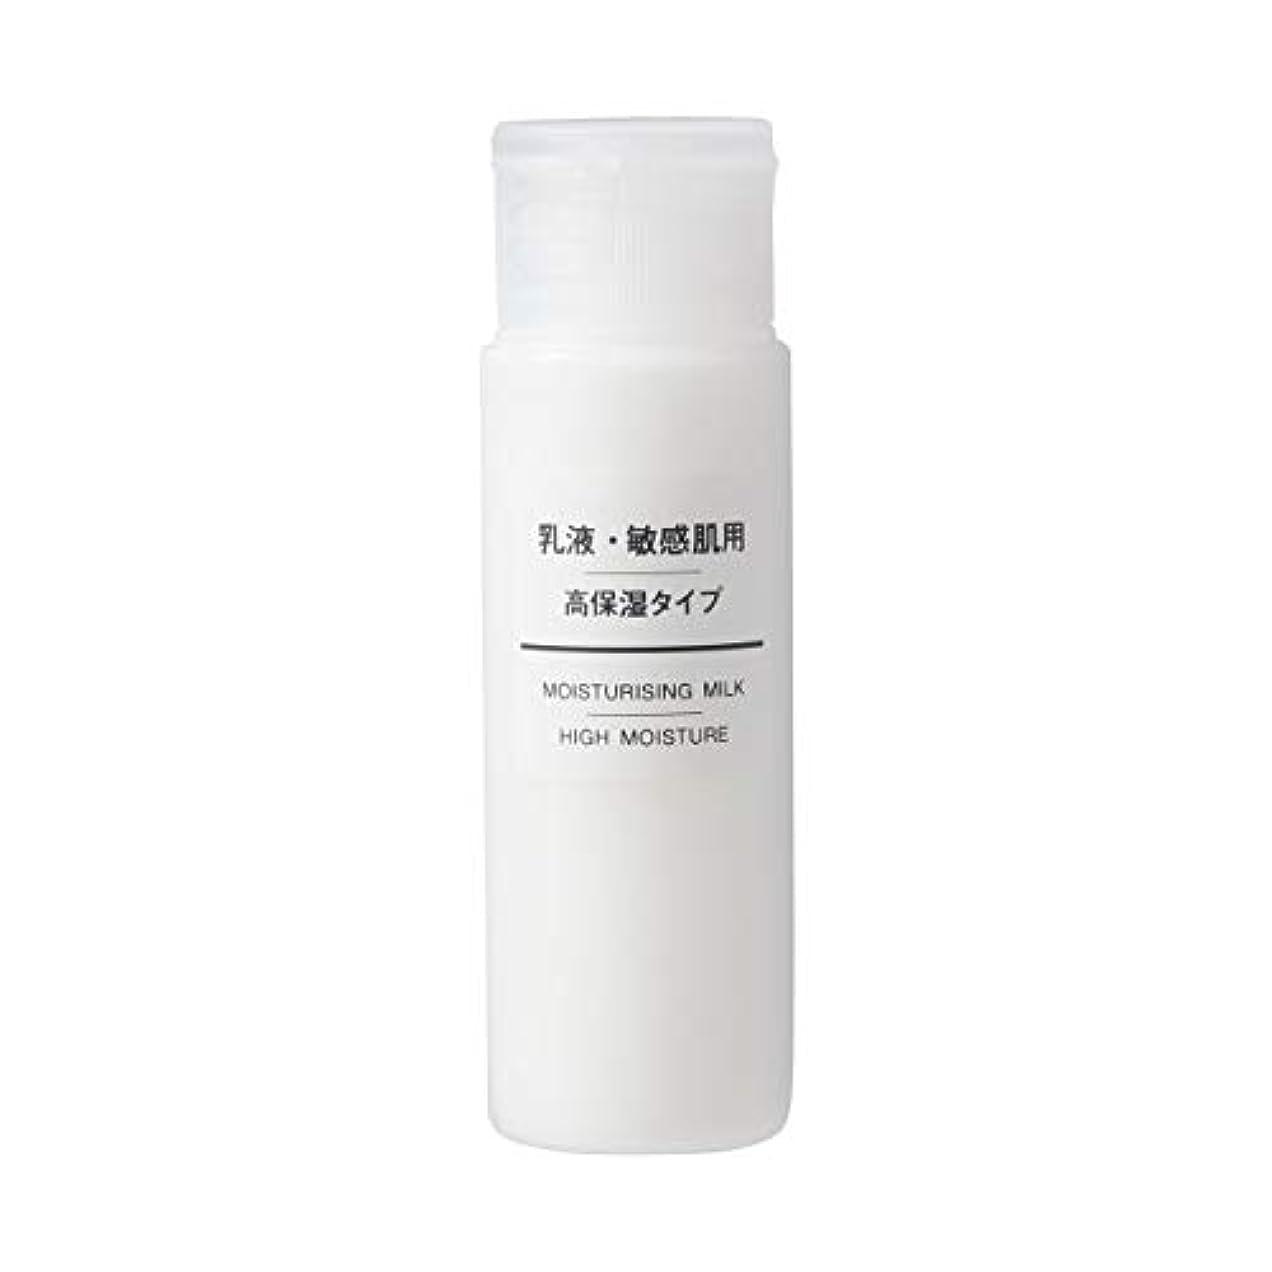 移住する議会一掃する無印良品 乳液 敏感肌用 高保湿タイプ(携帯用) 50ml